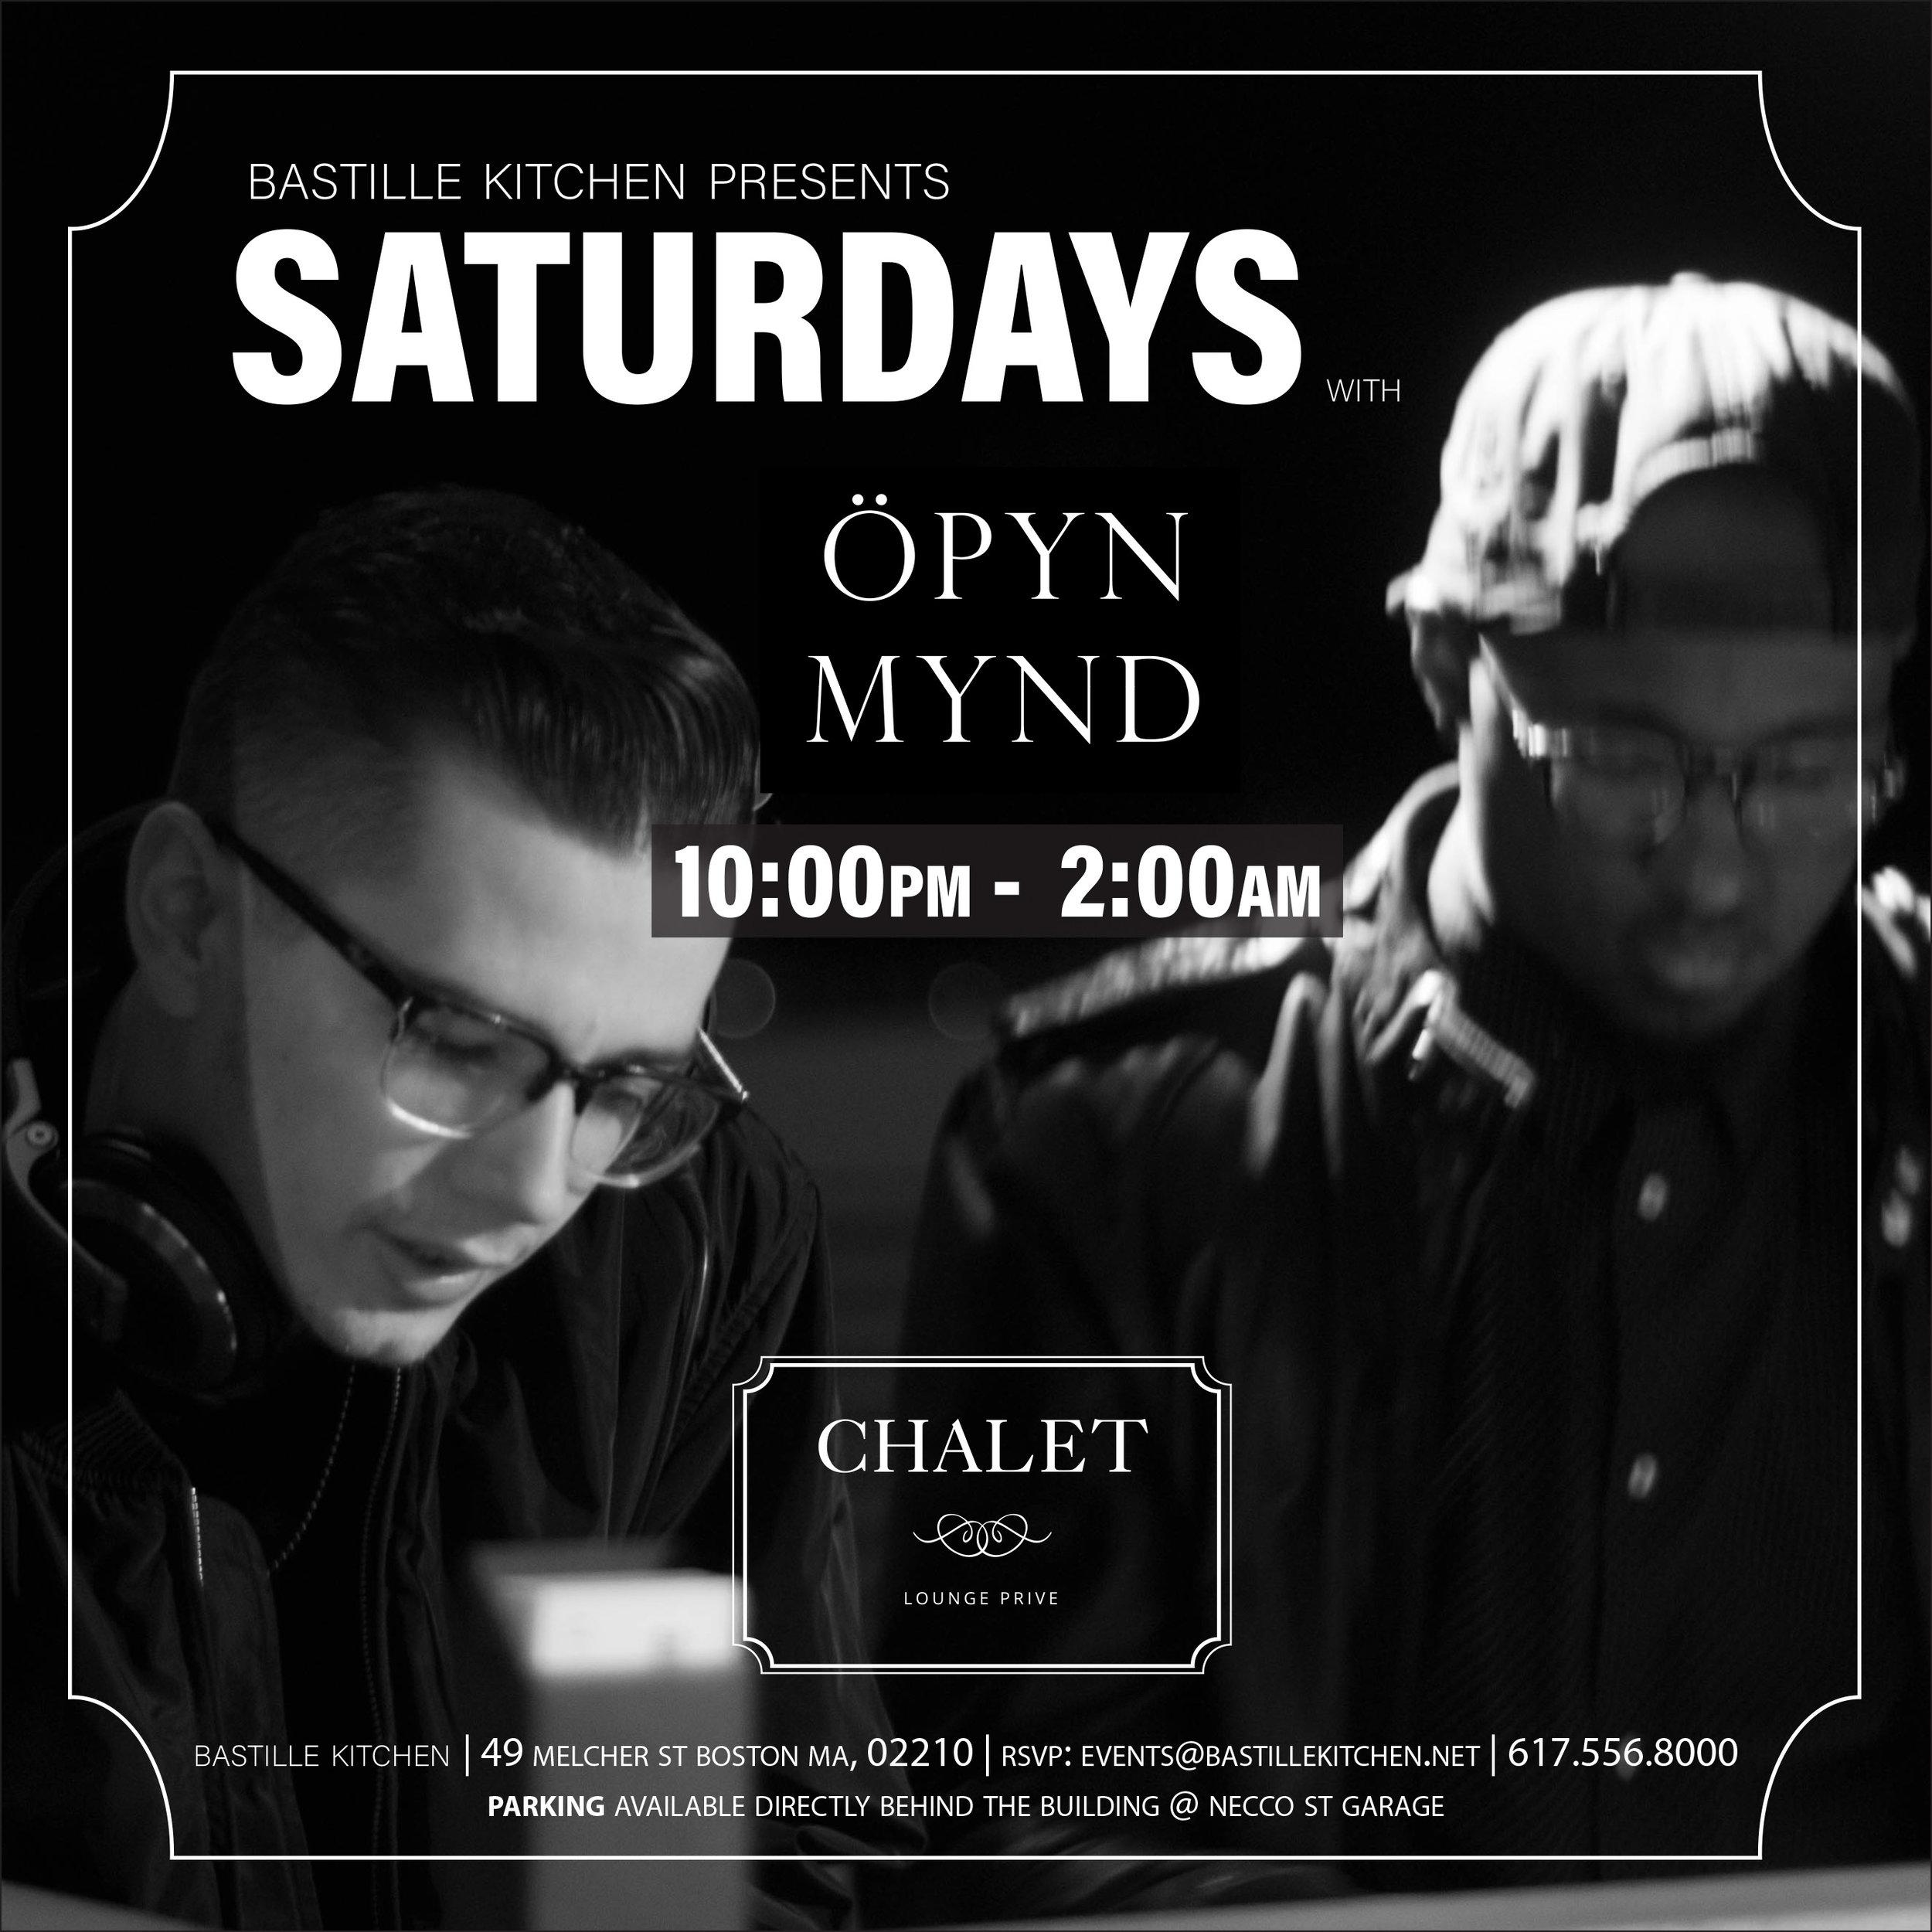 Saturdays in the Chalet at Bastille Kitchen - ÖPYN MYND is back at Bastille Kitchen every Saturday this summer